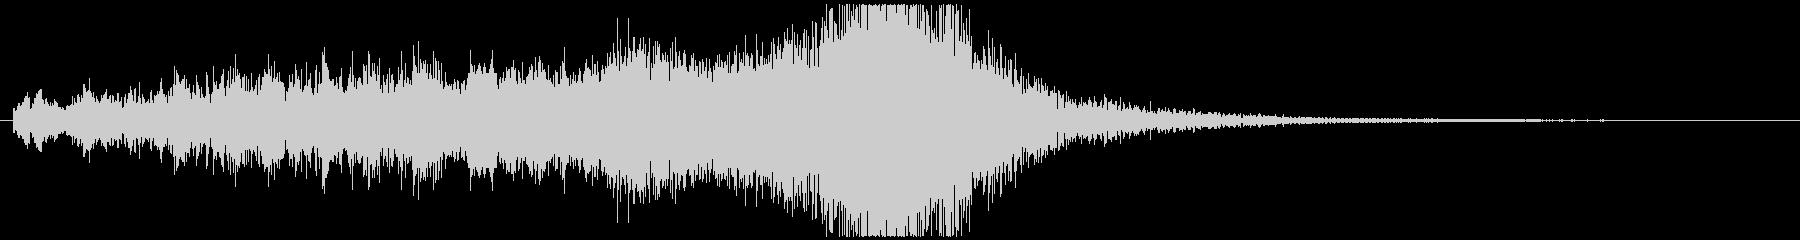 コミカルで短いオーケストラジングルの未再生の波形